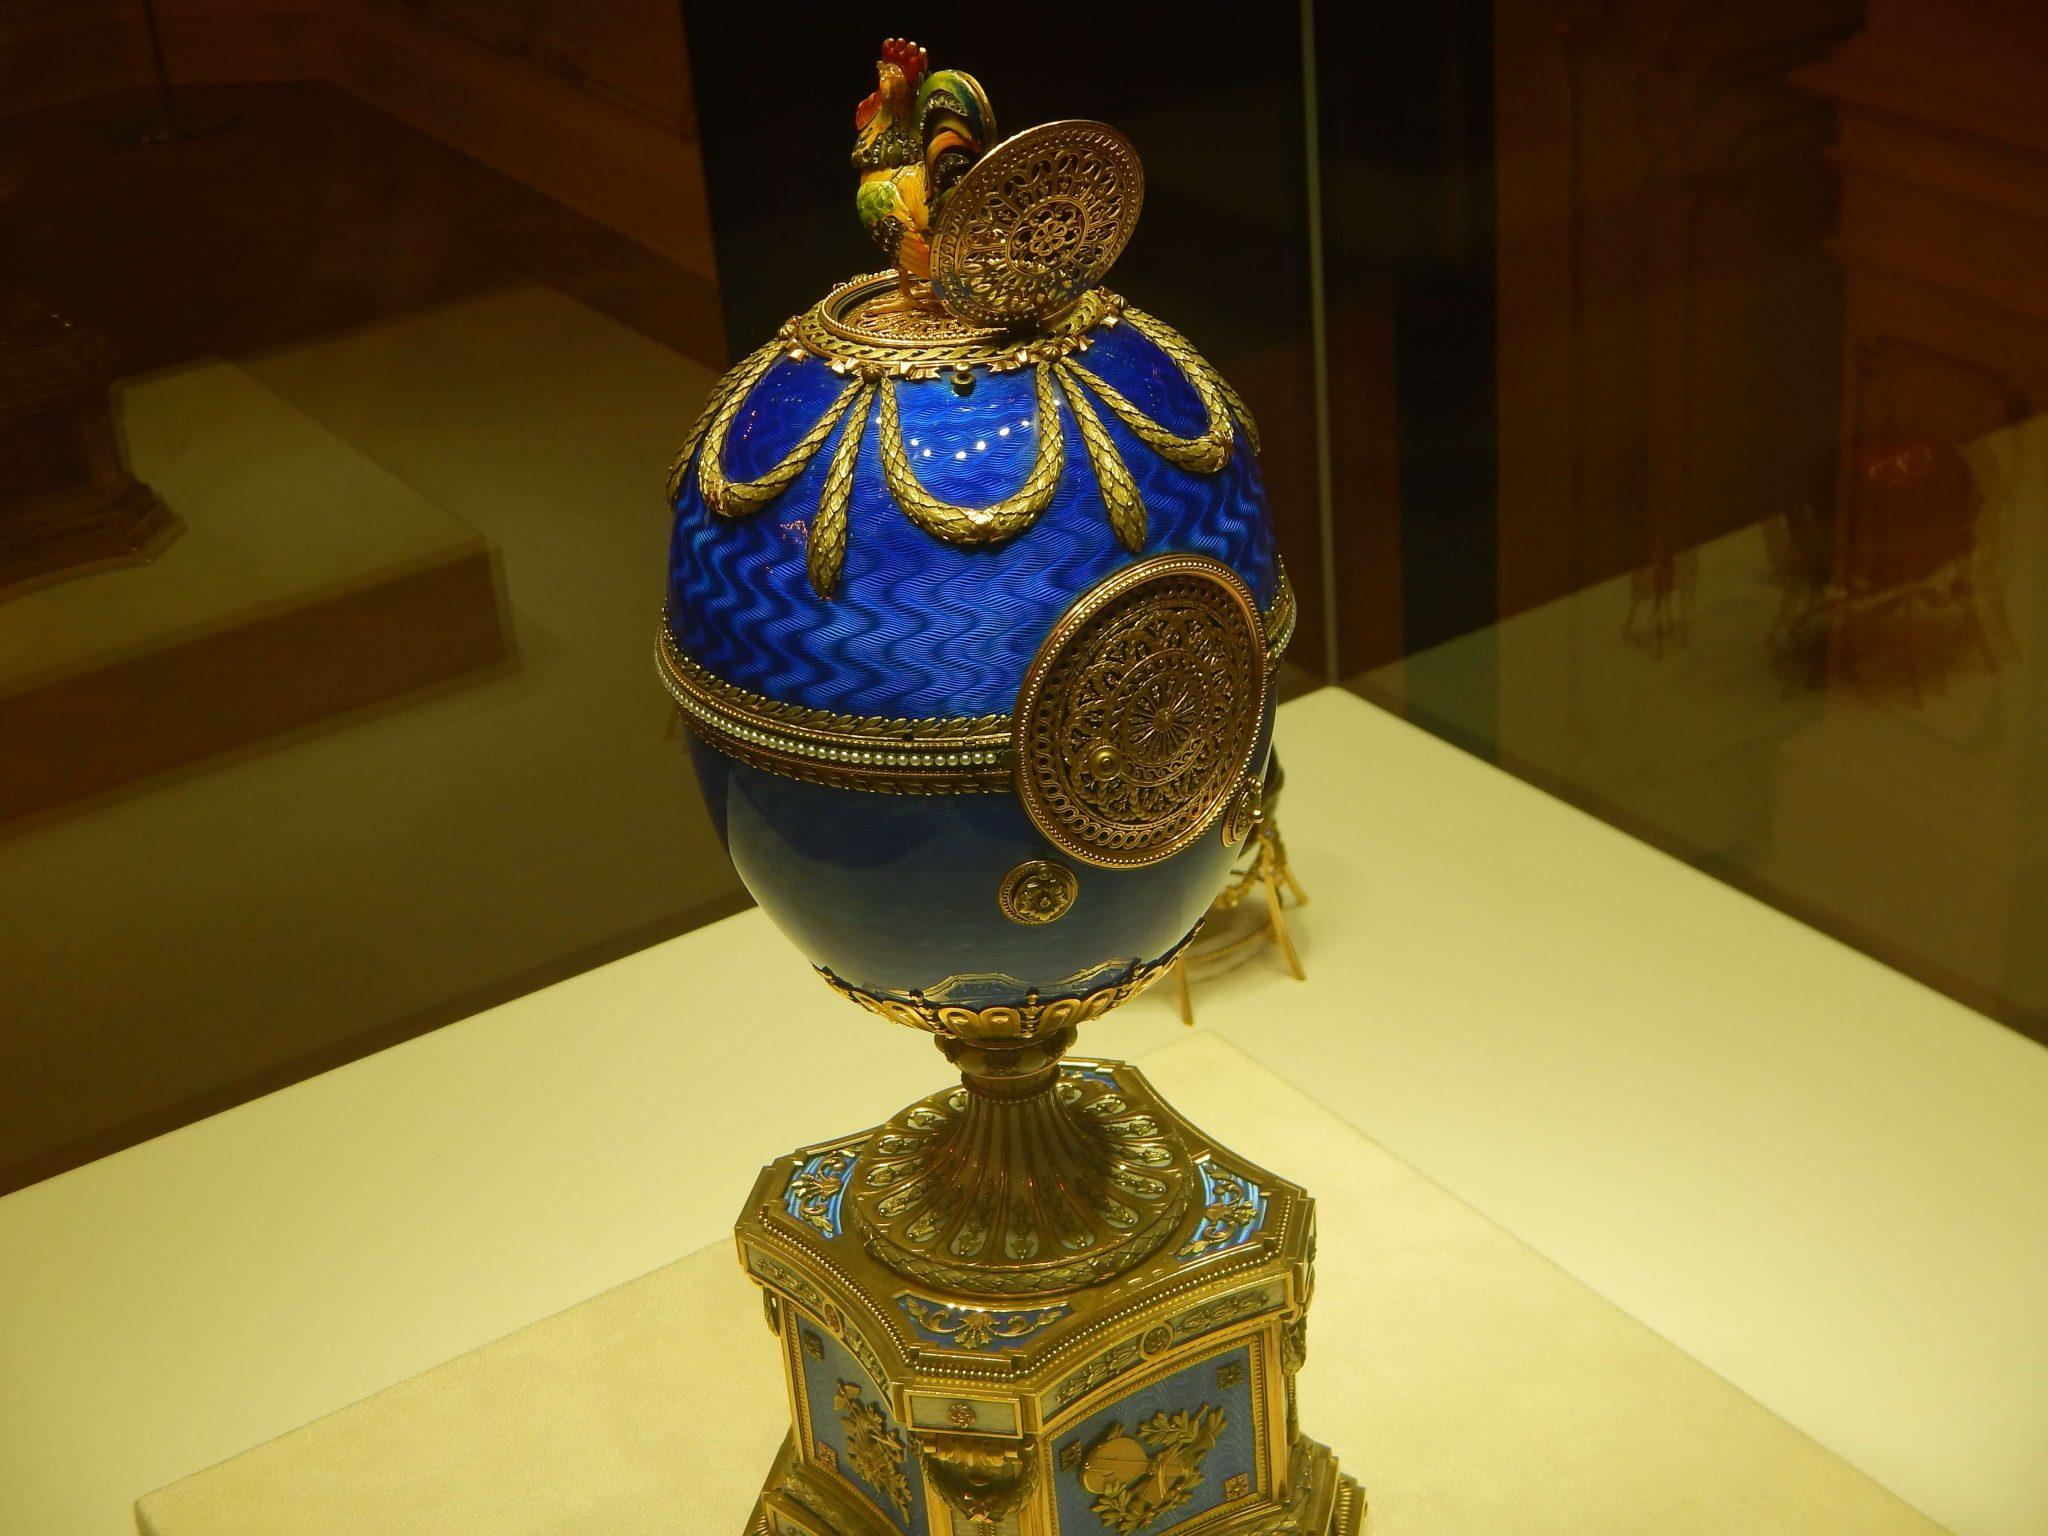 Museu Fabergé ovo 01 São Petersburgo Rússia Mundo Indefinido